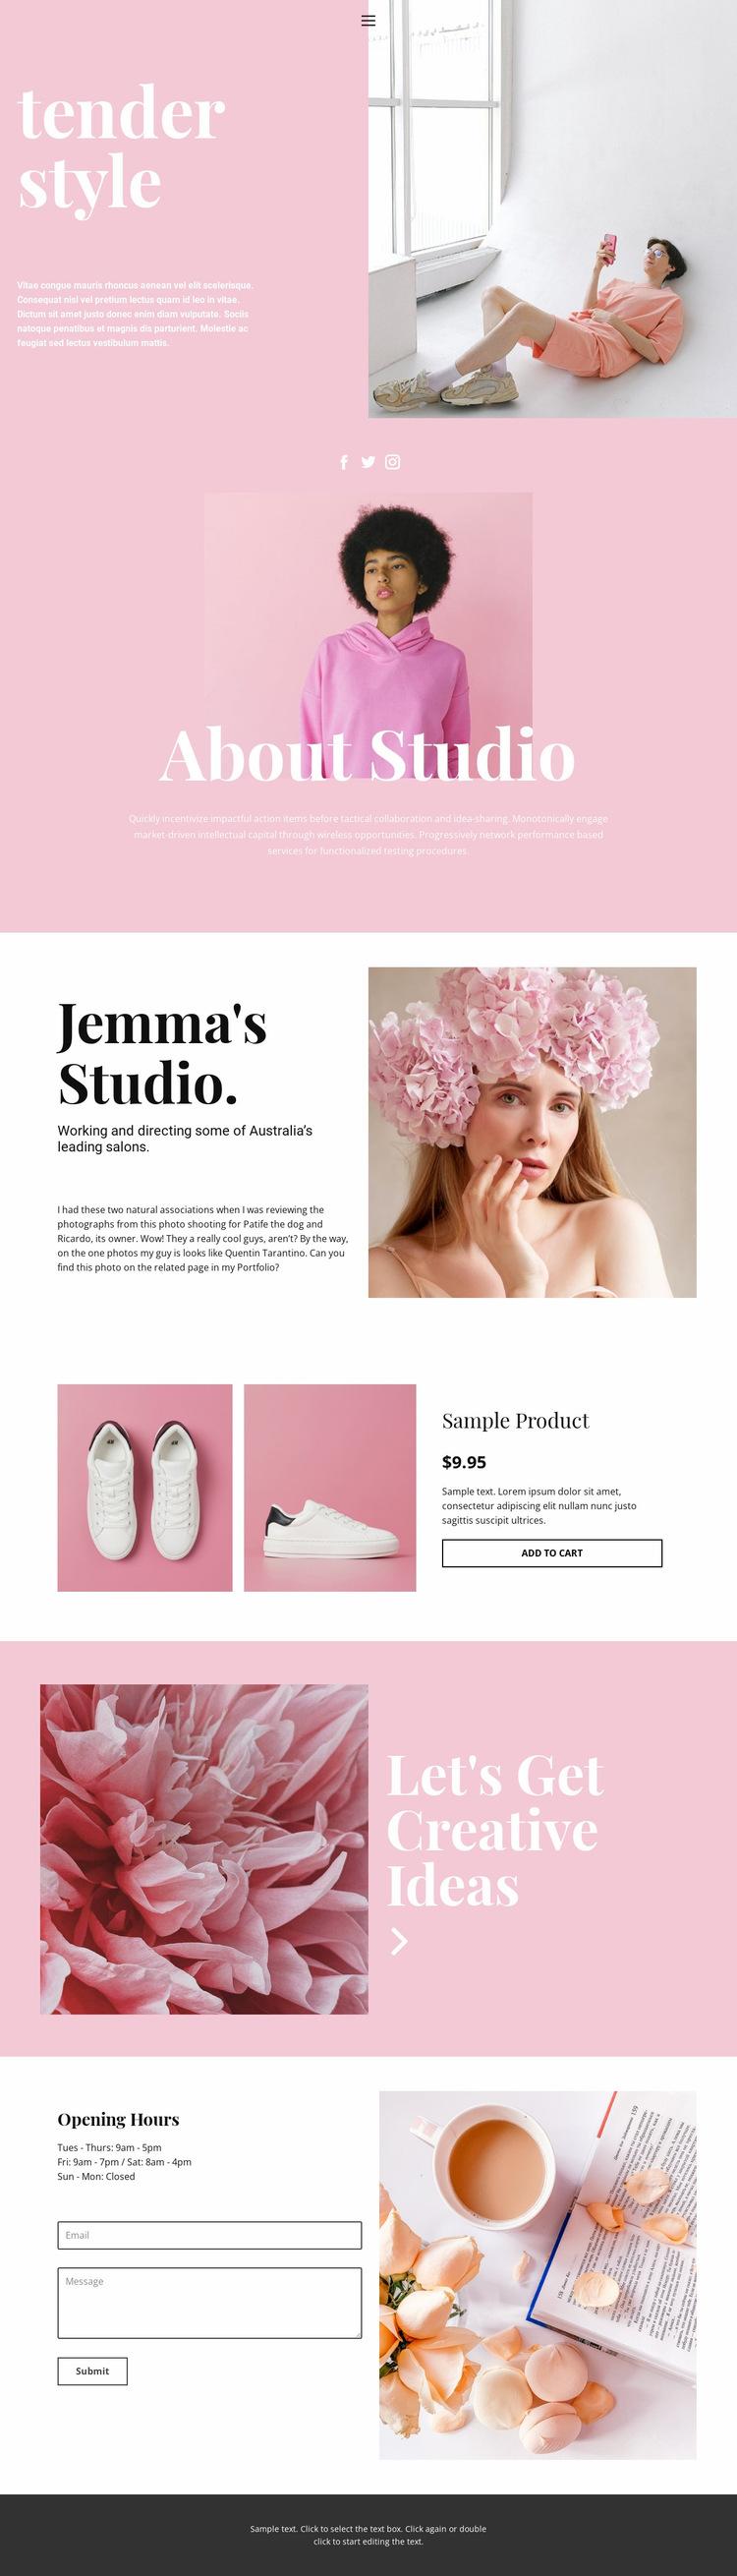 Fashion news Website Builder